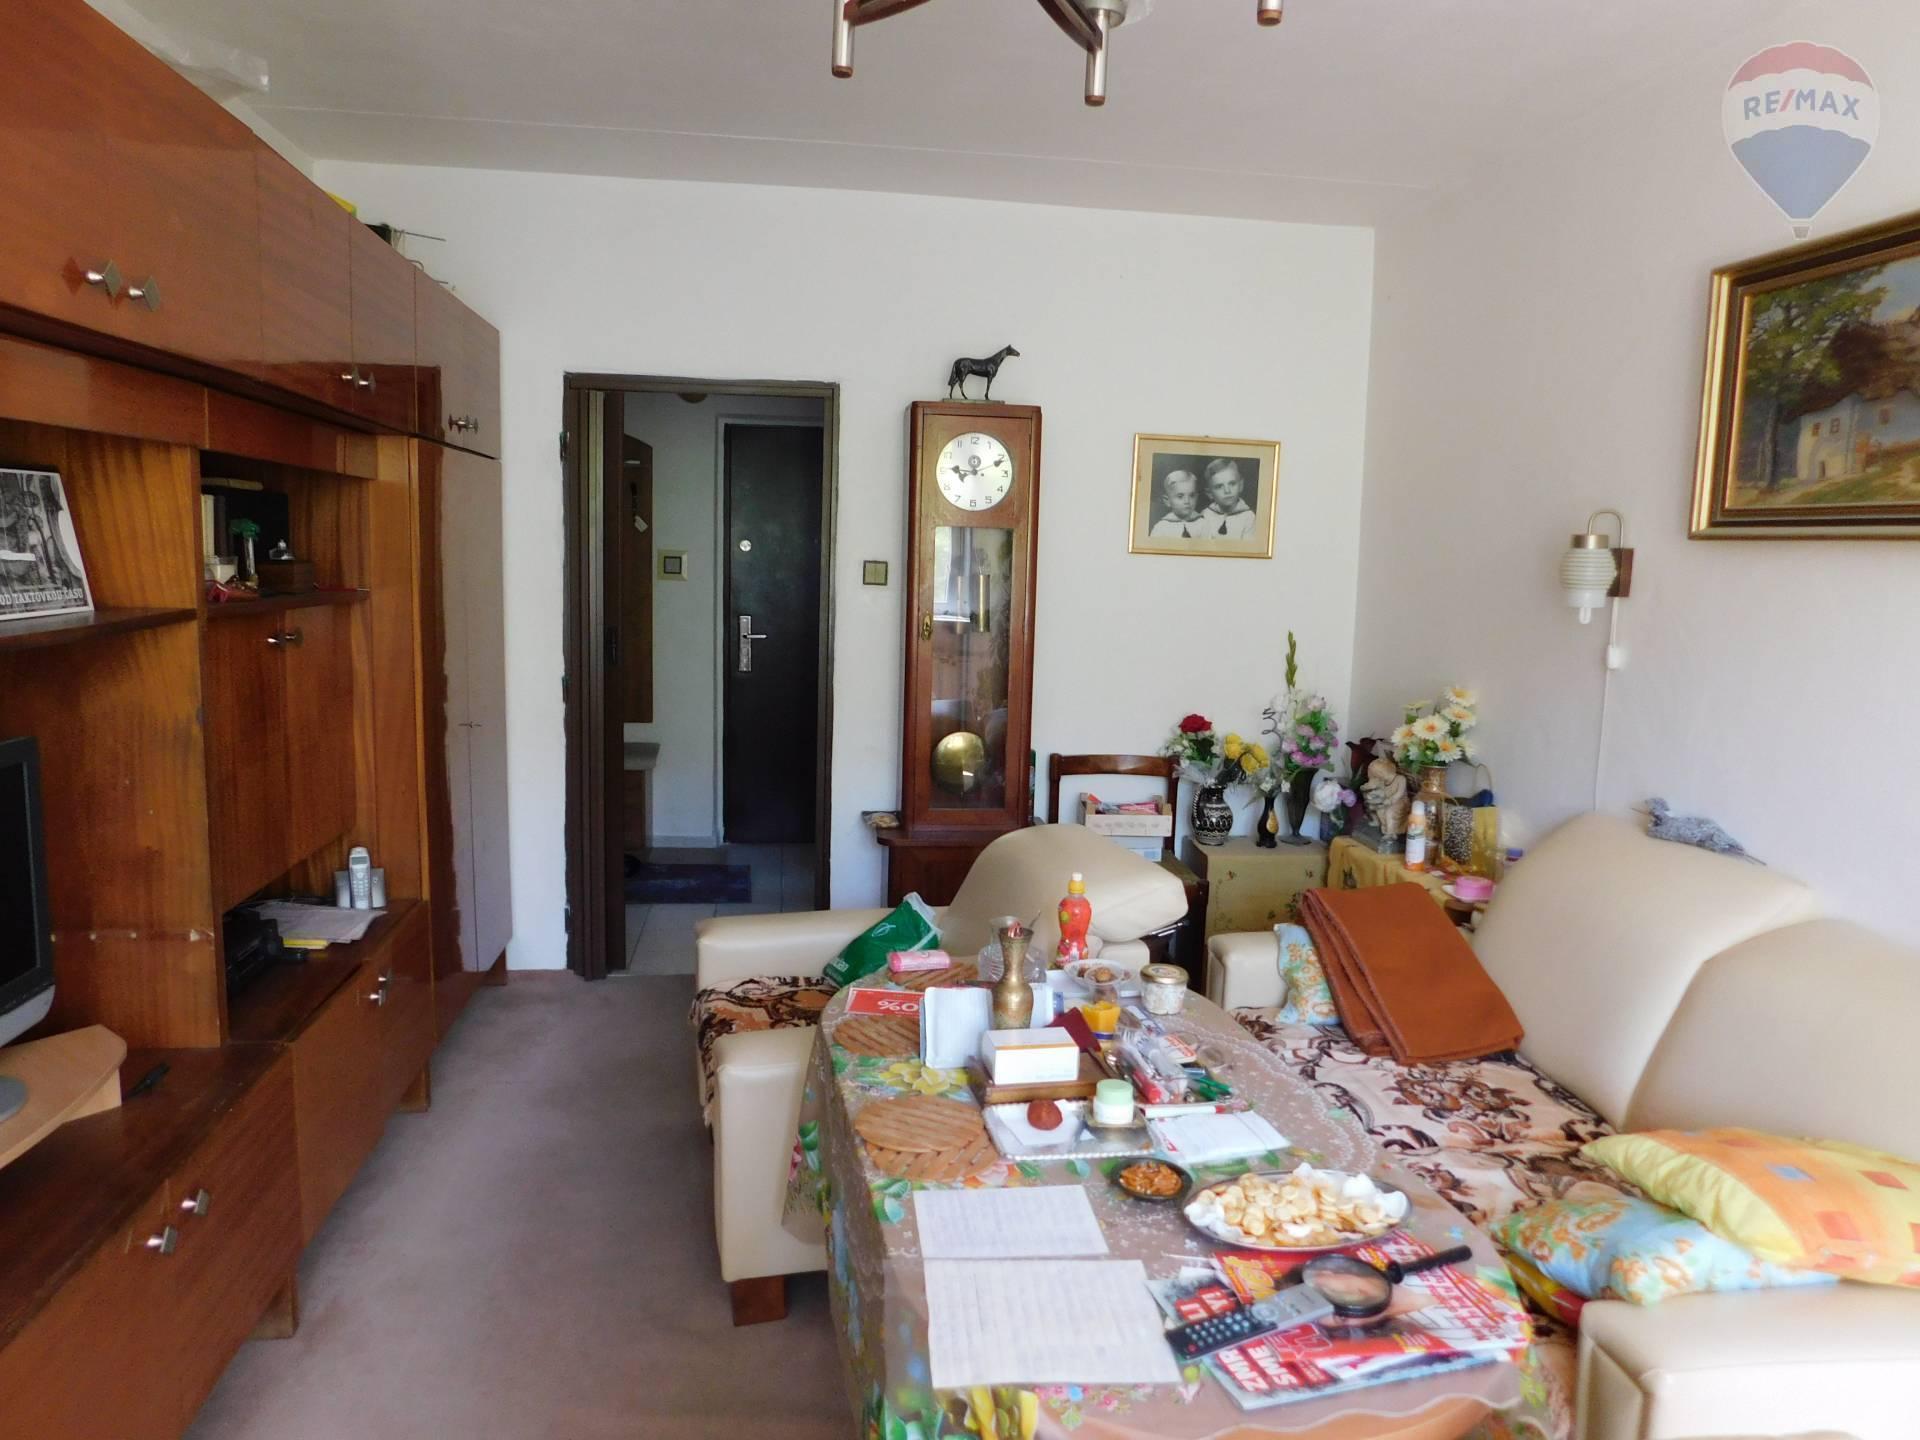 Predaj bytu (3 izbový) 79 m2, Banská Bystrica - Izba